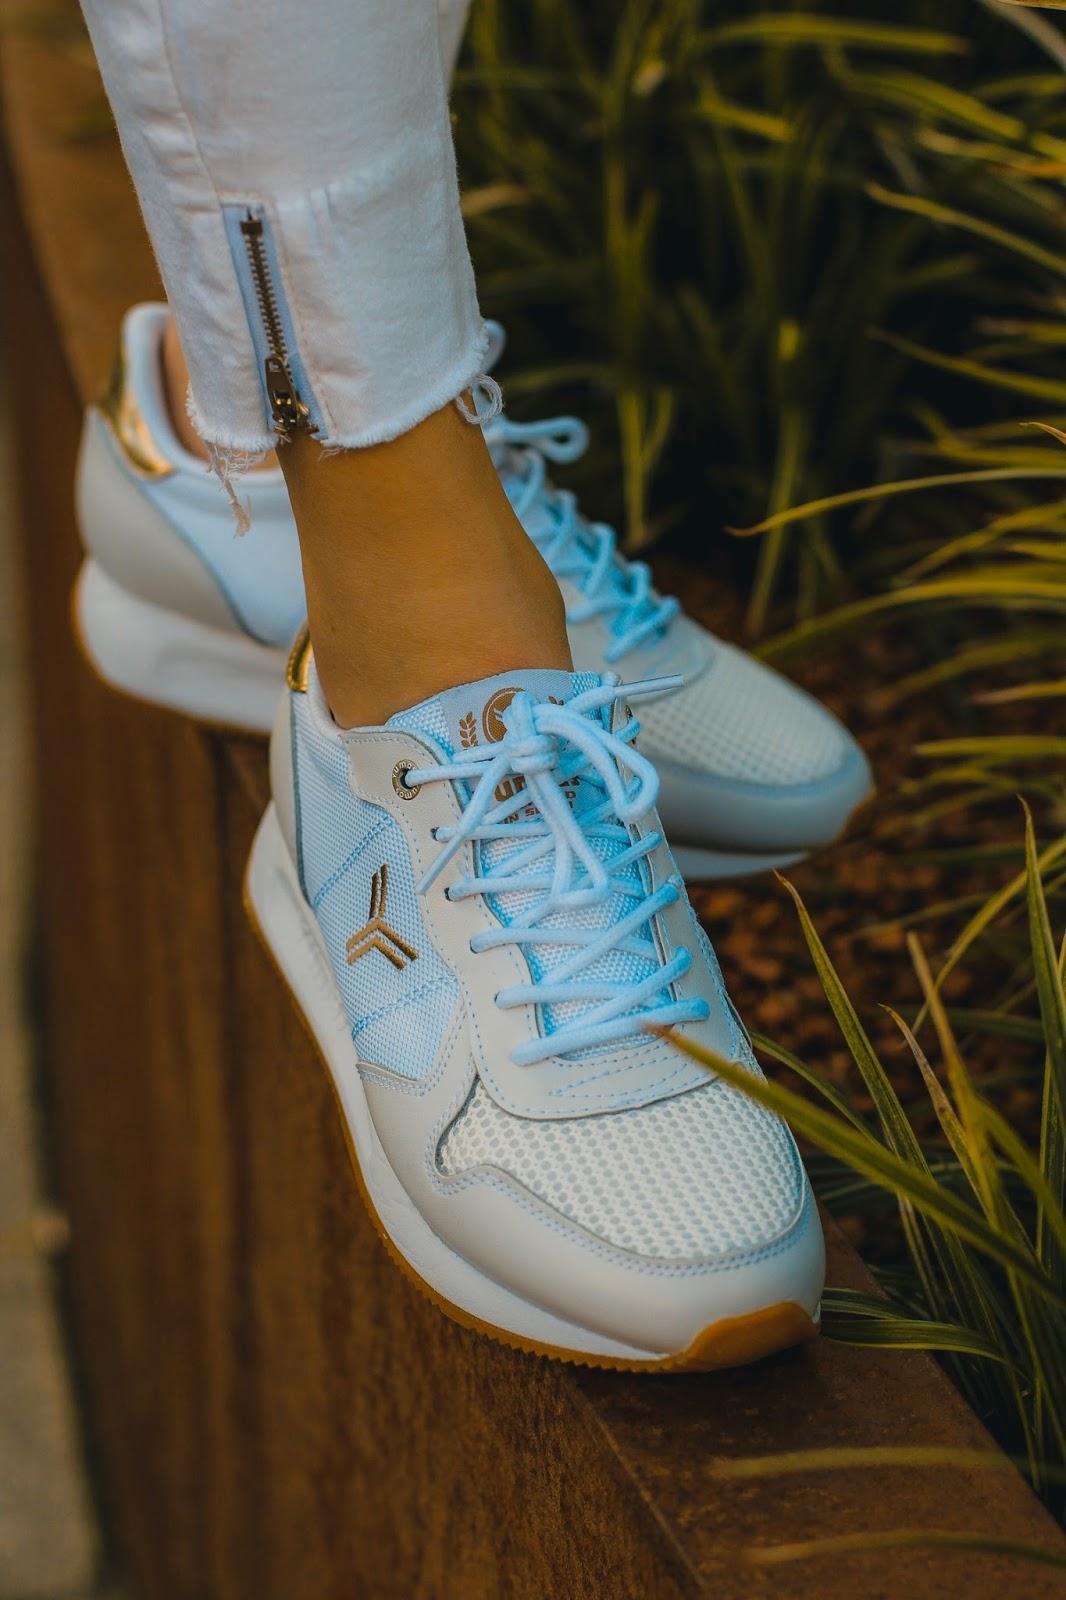 zapatillas blancas cómodas